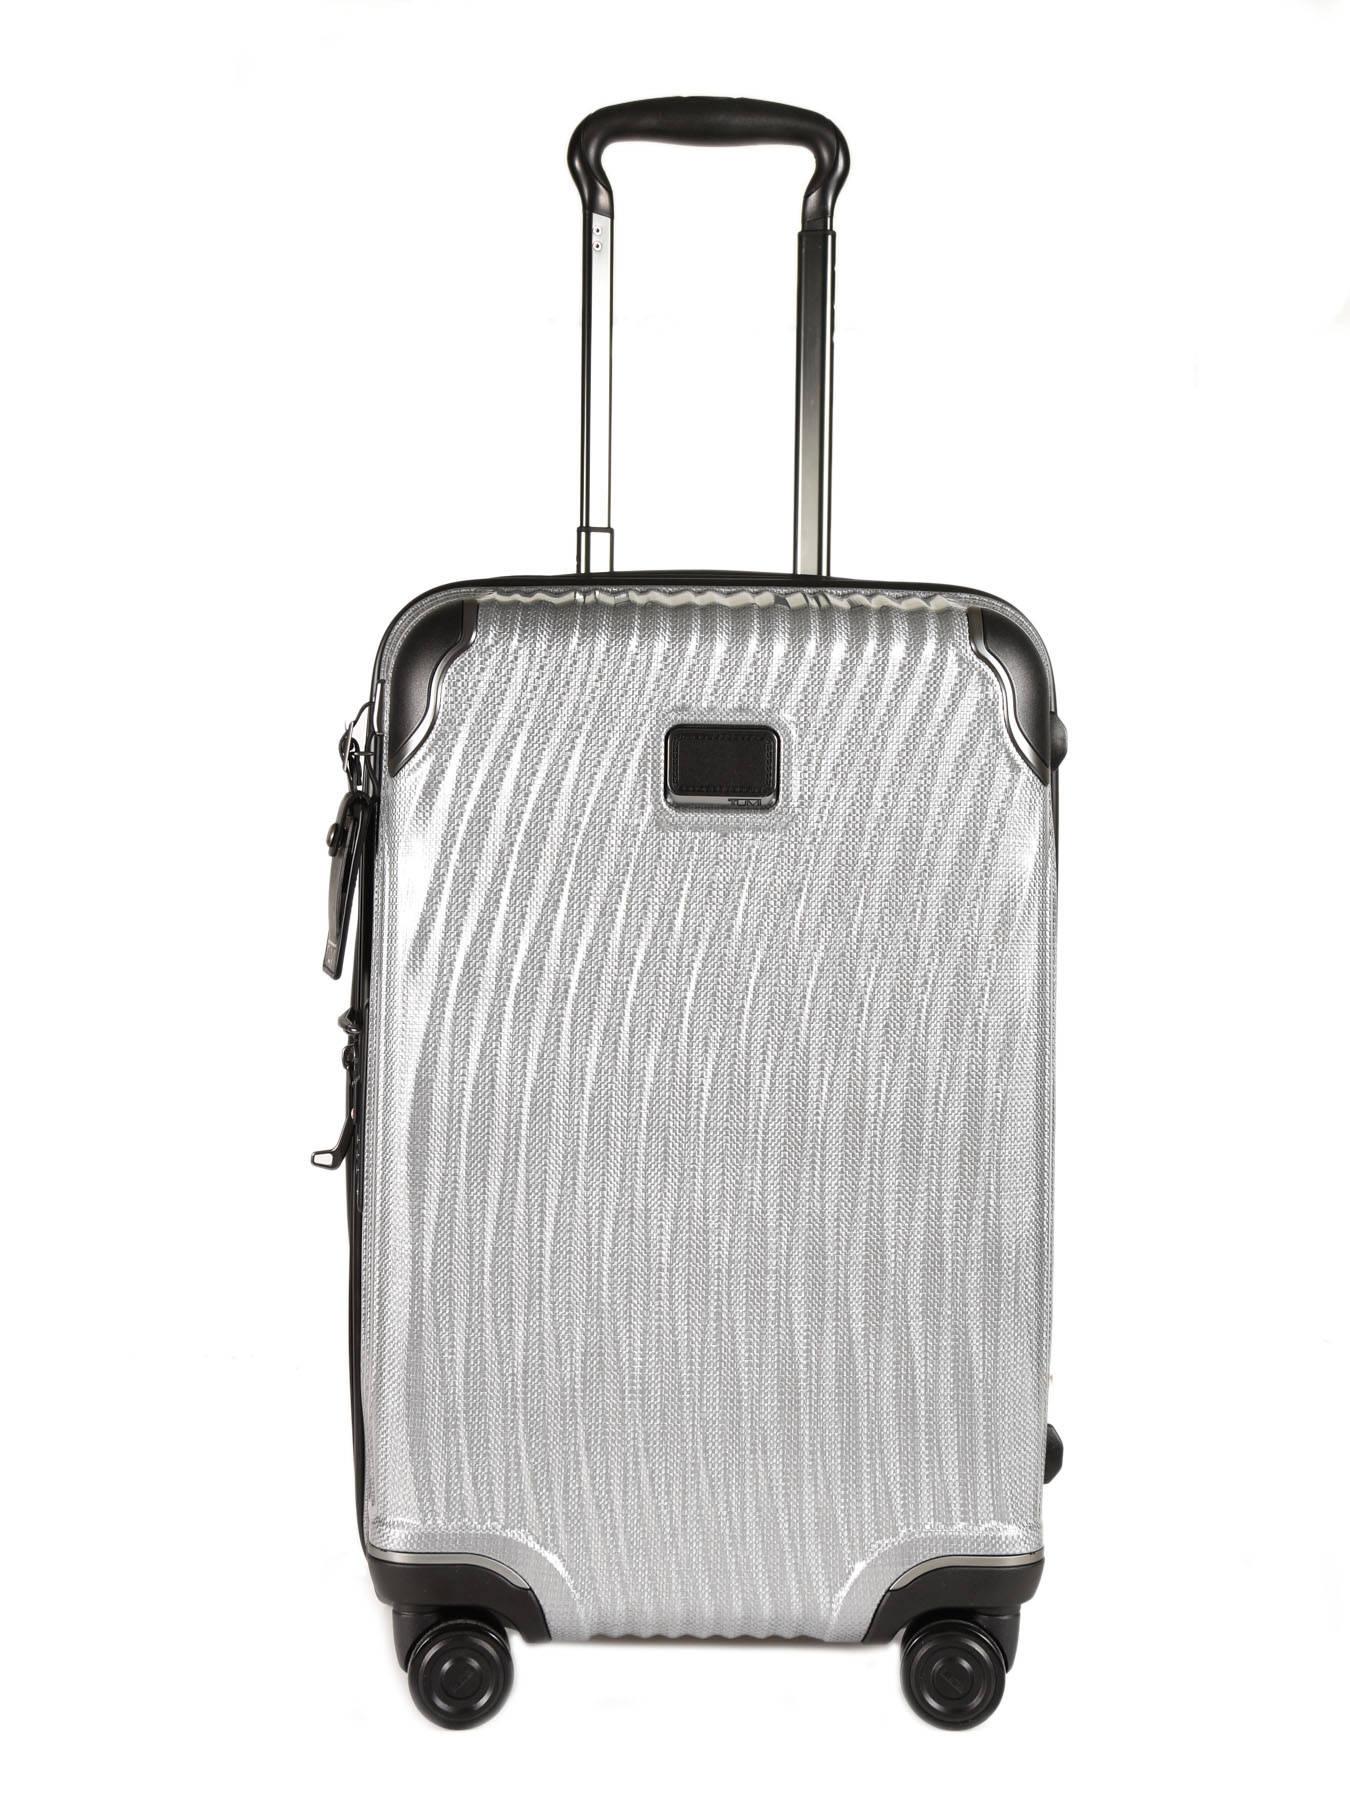 7eeb098e0c6 Harde reiskoffers Tumi Latitude 287660 te koop aan de beste prijs